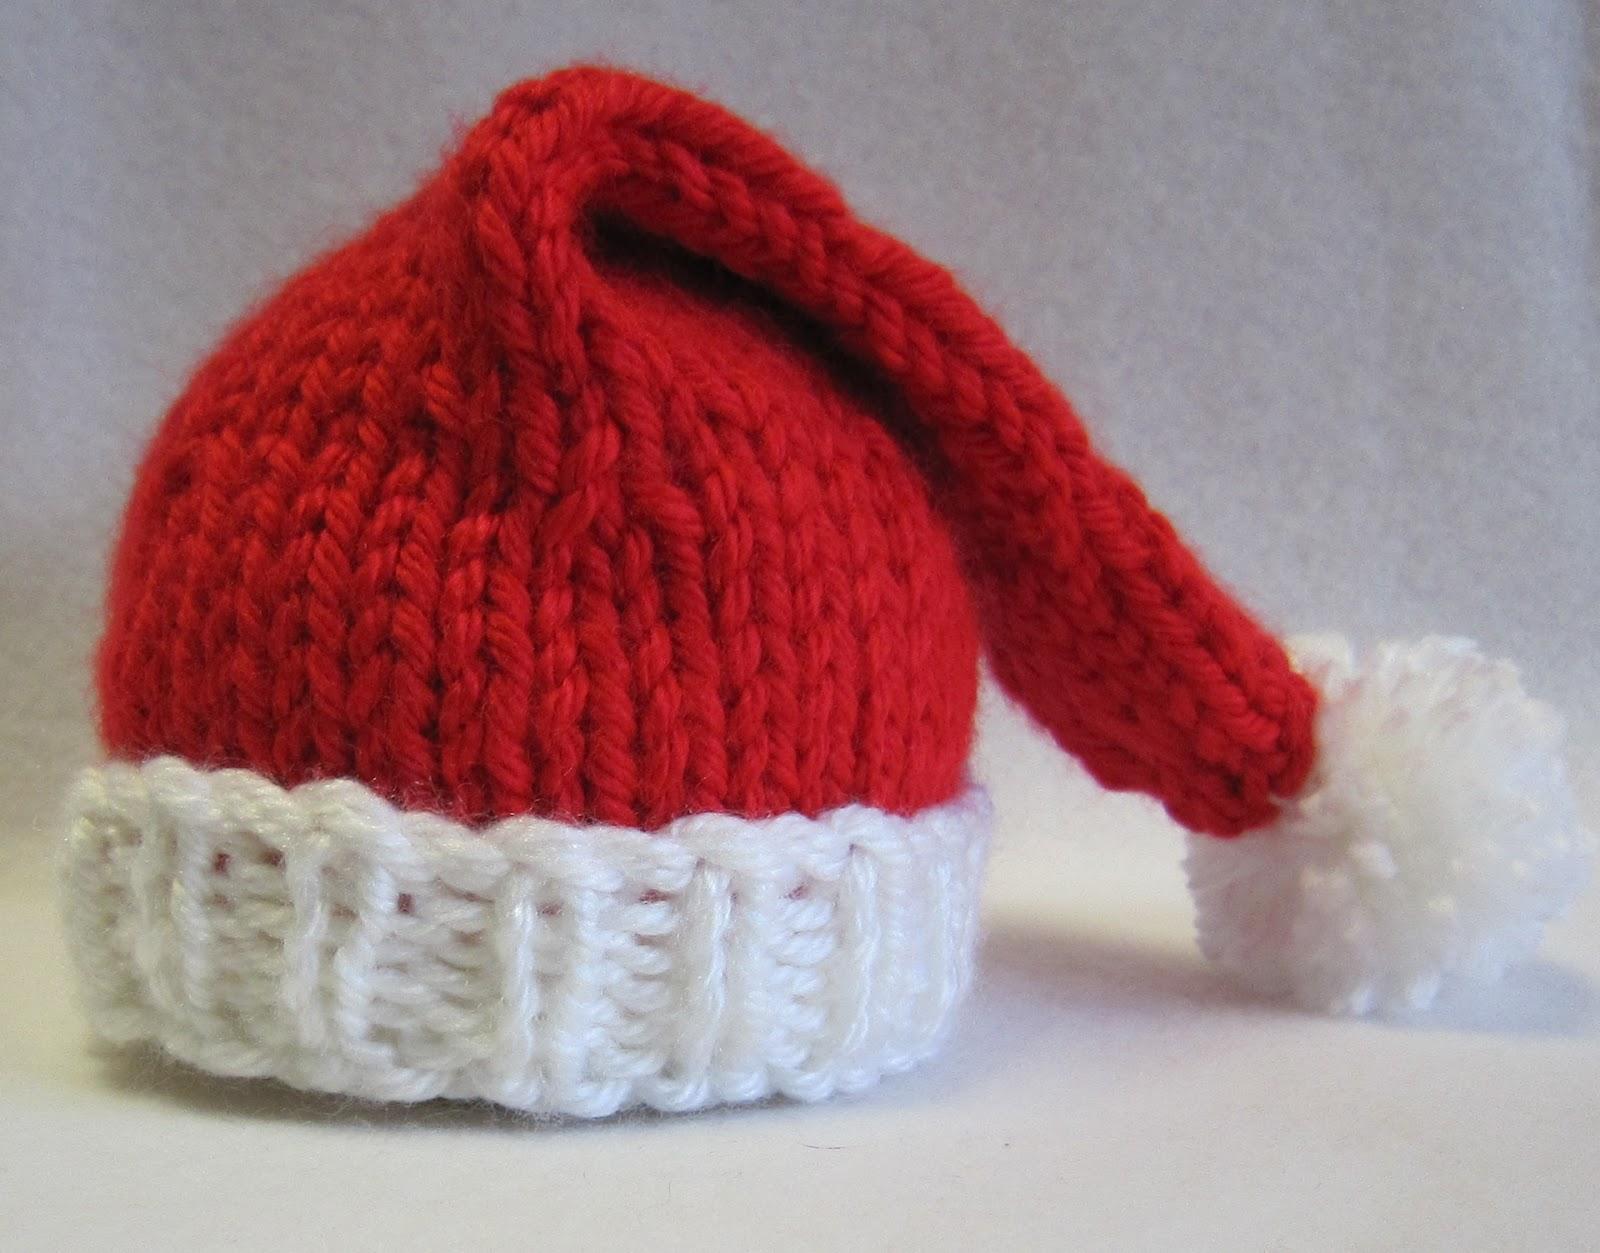 Tricoter un bonnet de pere noel - Idées de tricot gratuit dfe0d2f98d6